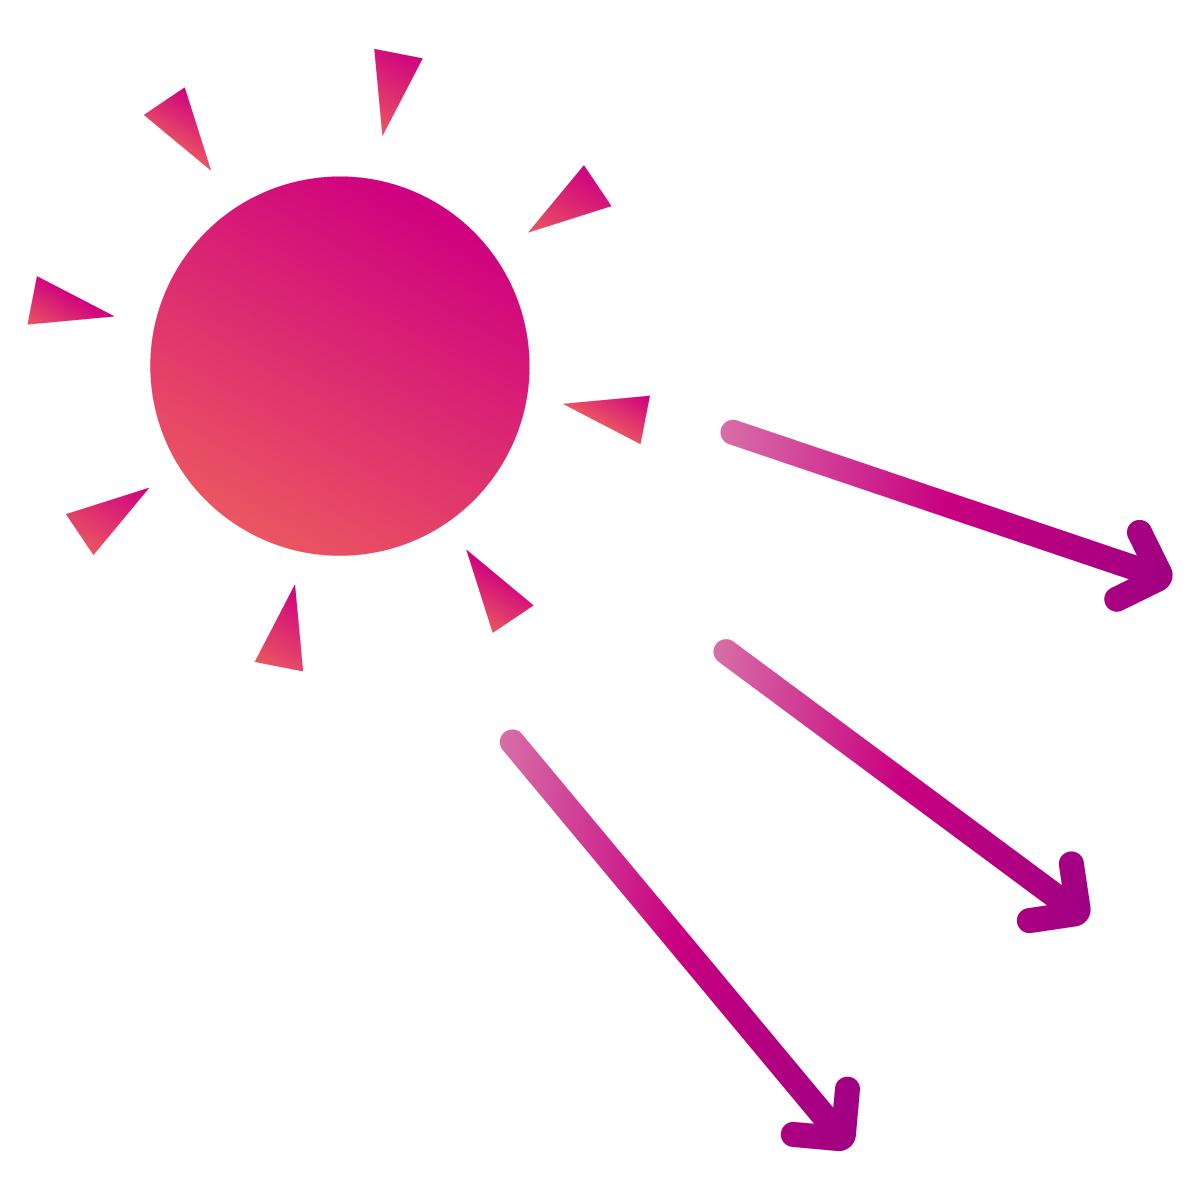 紫外線が降り注ぐ